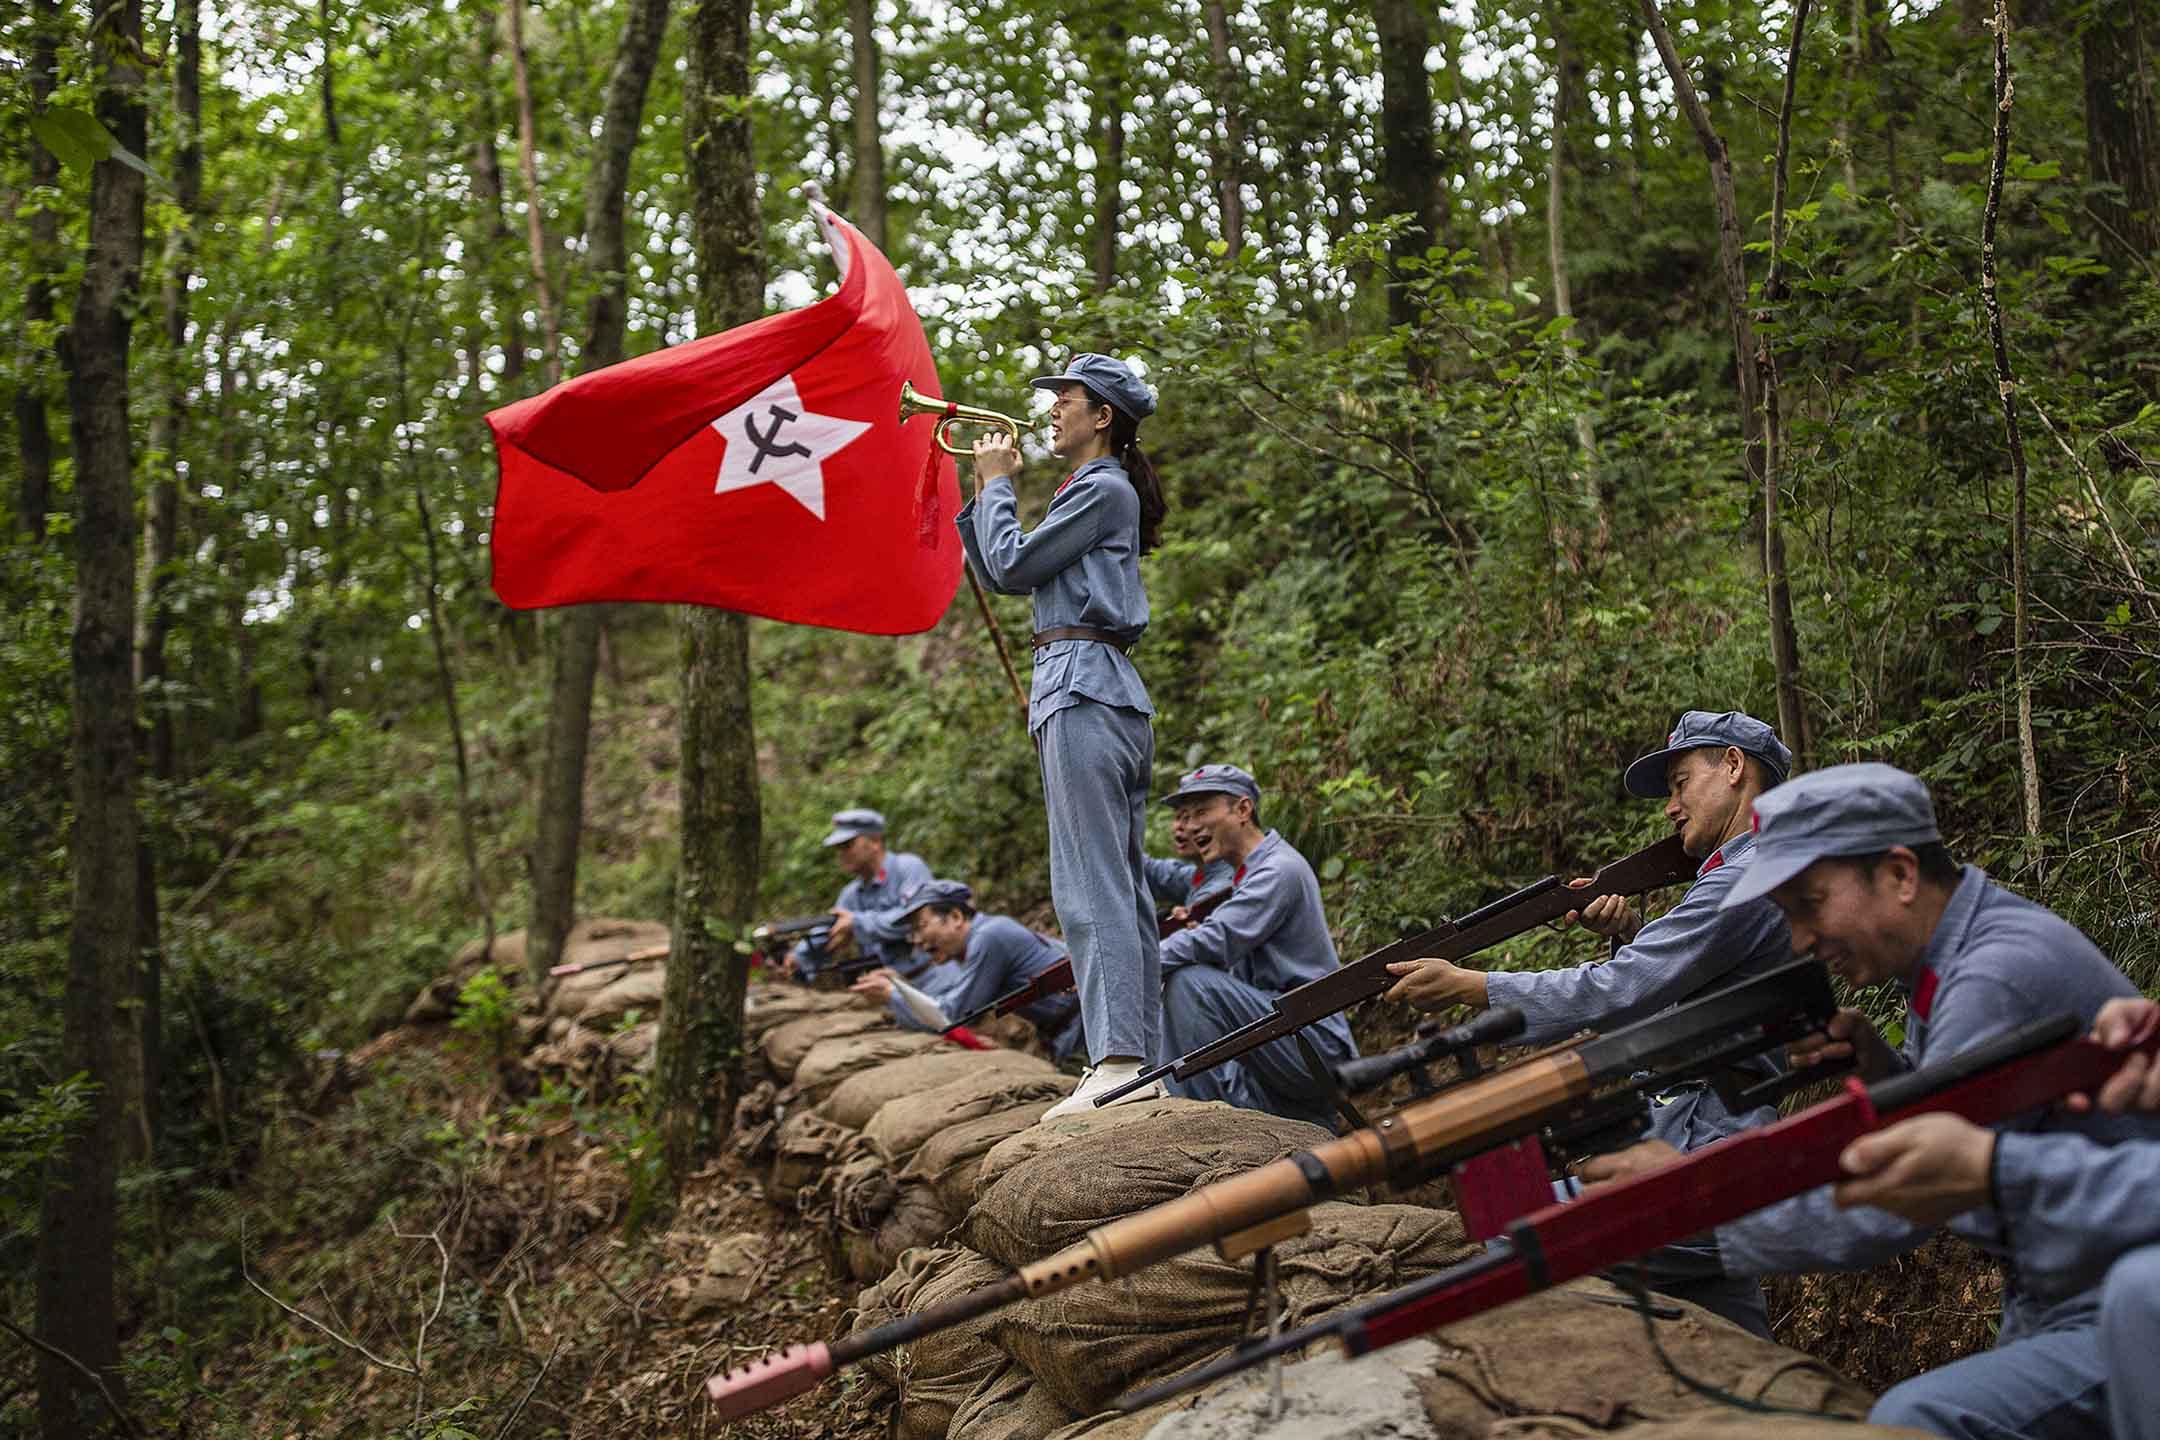 2021年6月26日中國武漢,參與者身著紅軍制服在長征精神體驗園内。 圖:Getty Images